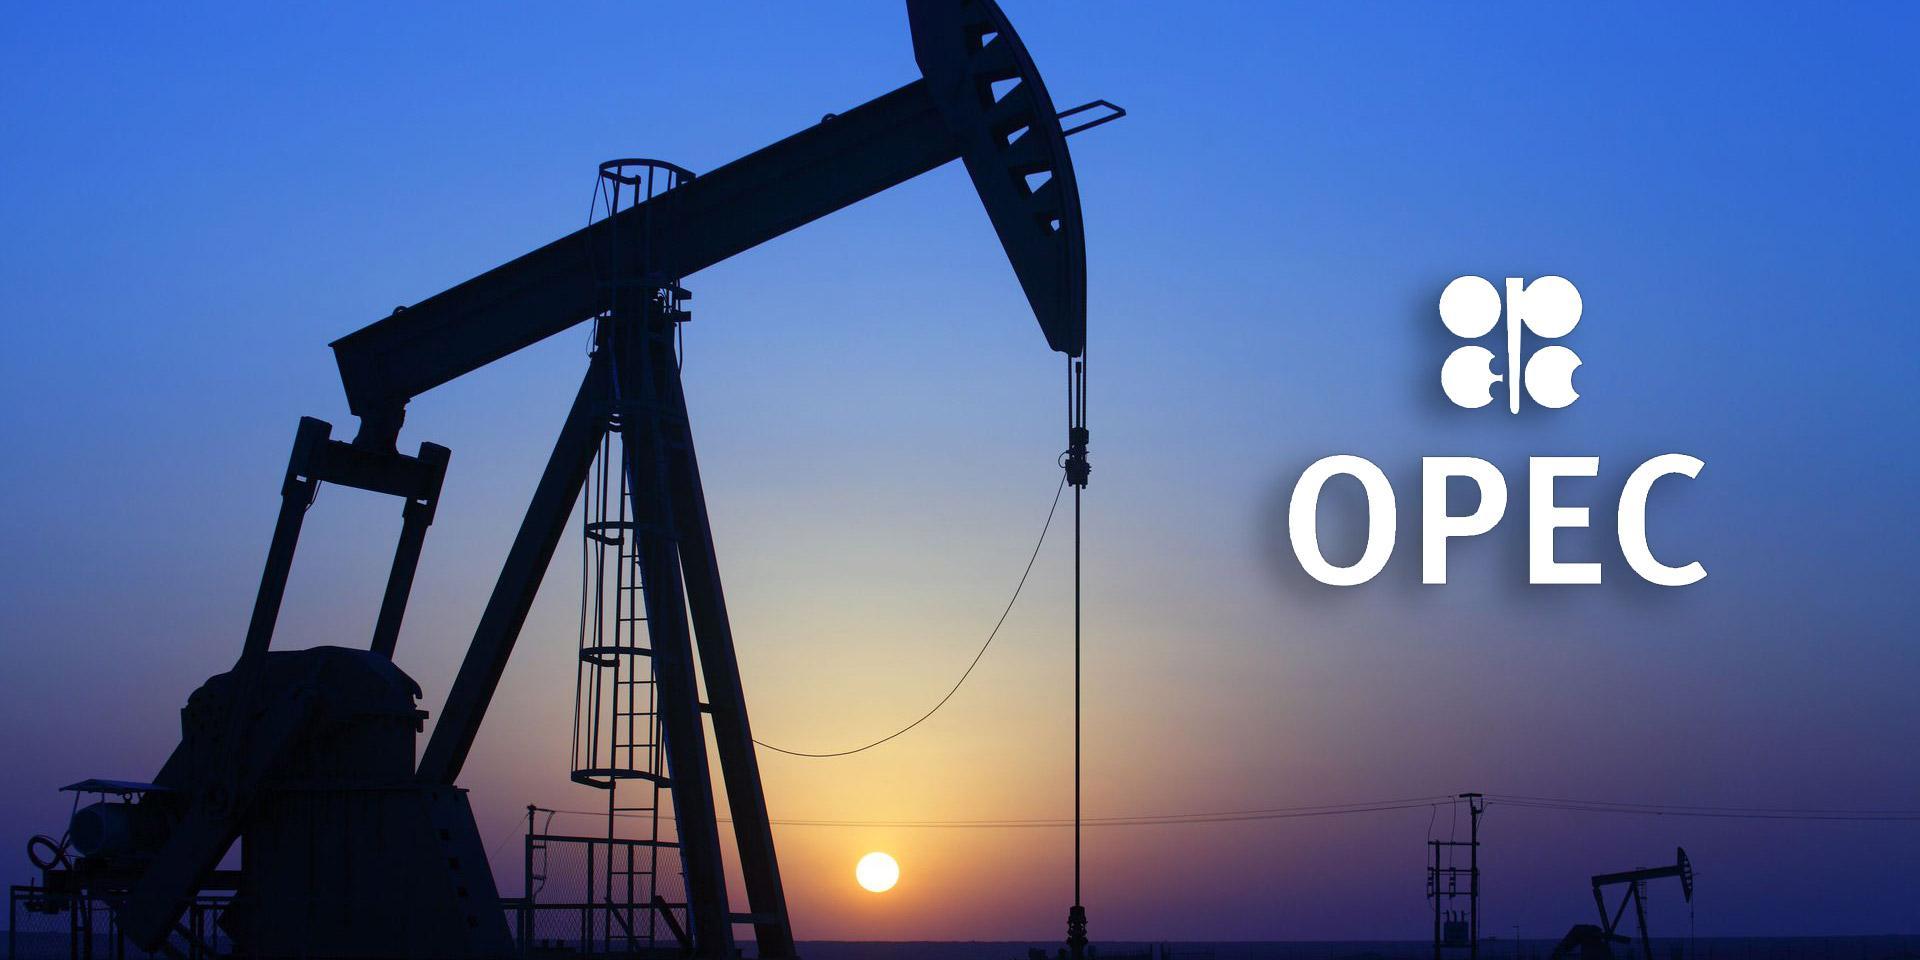 ОПЕК и ее влияние на мировую экономику